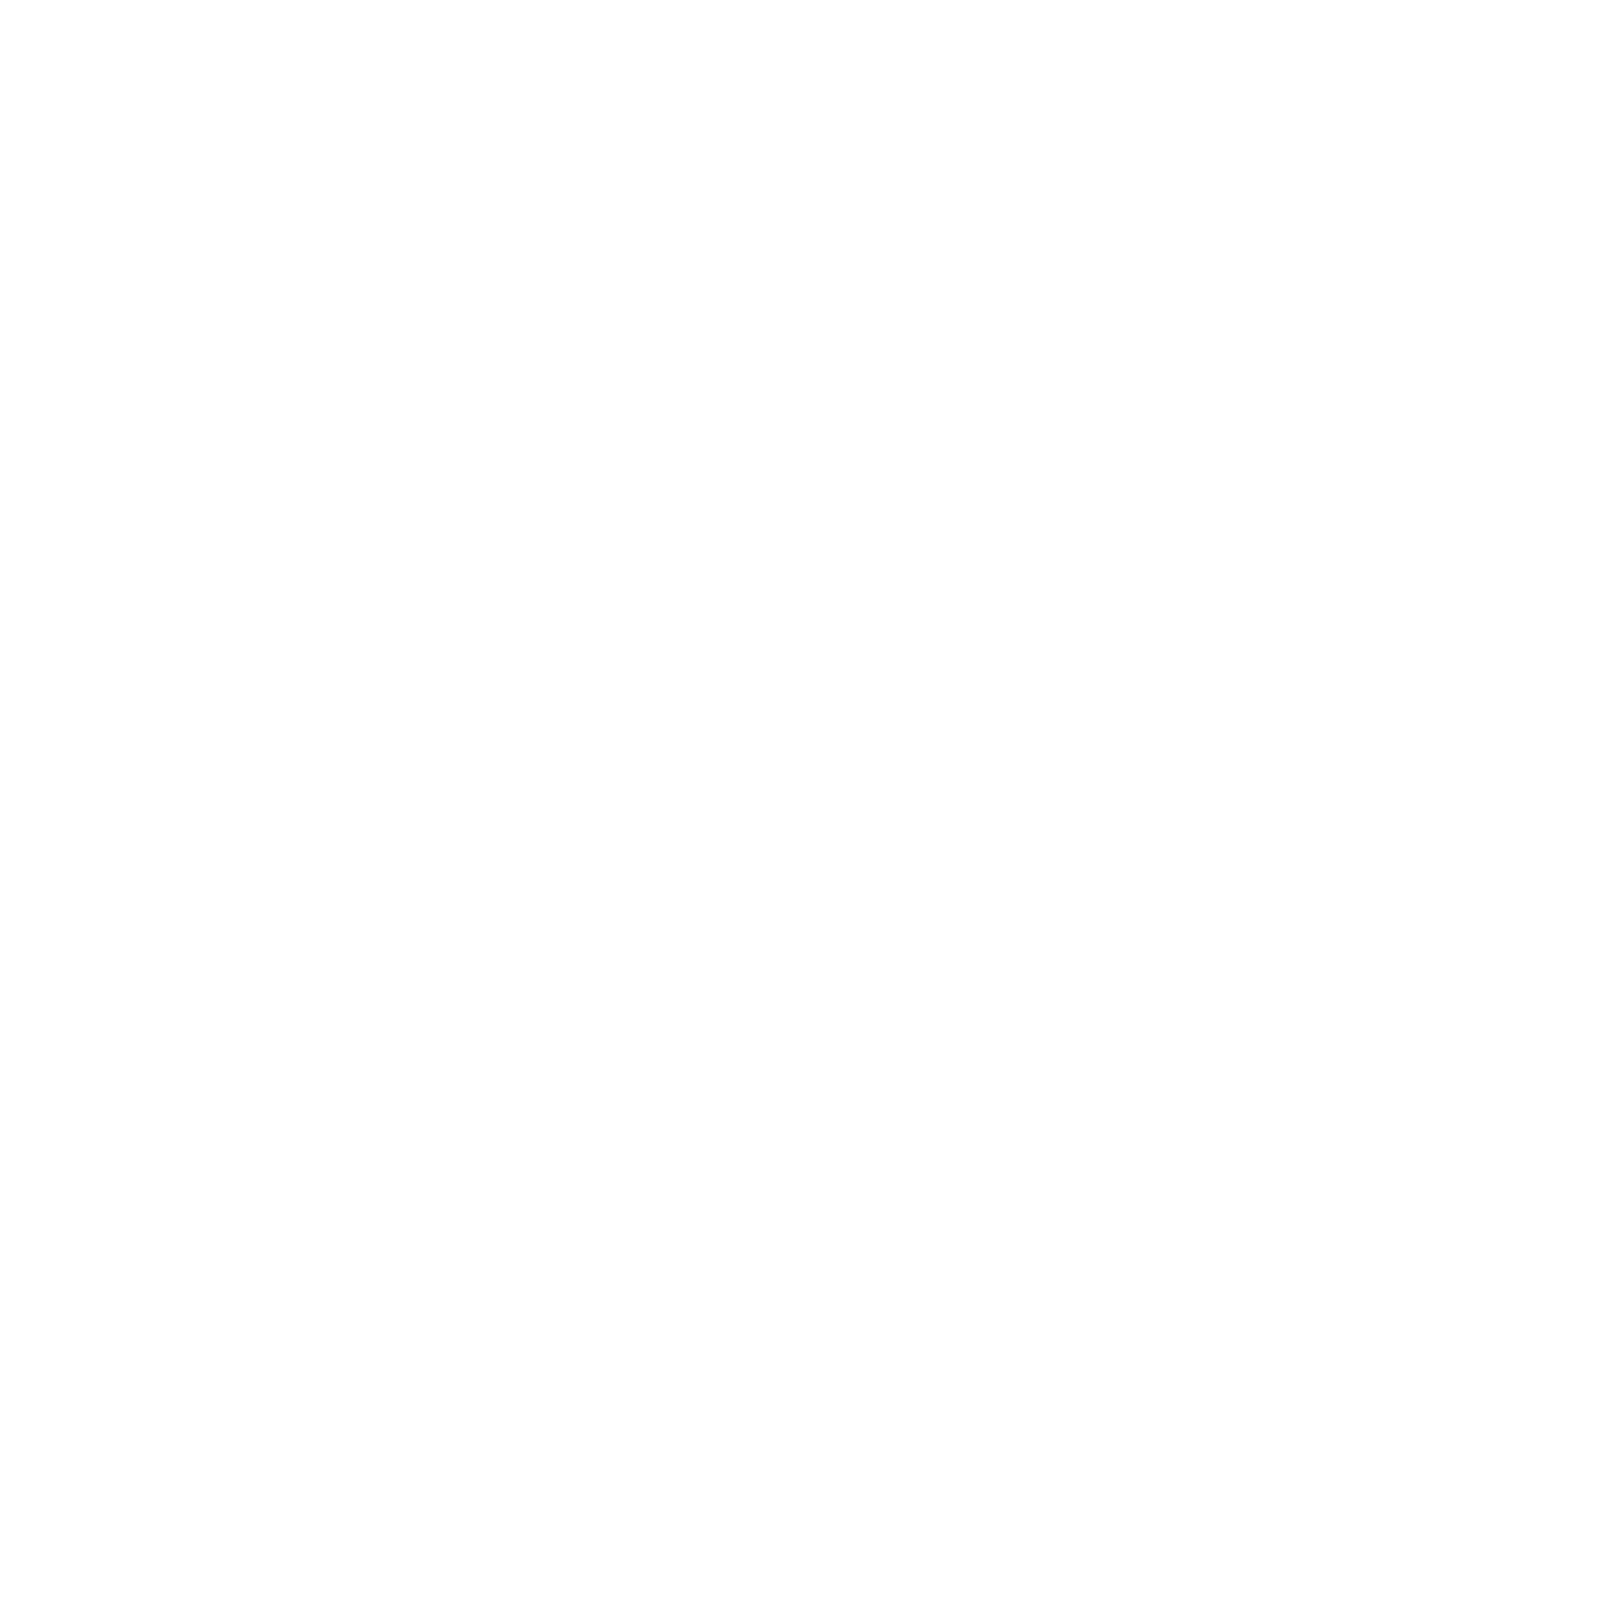 R3_logo_dot_icon_white.png